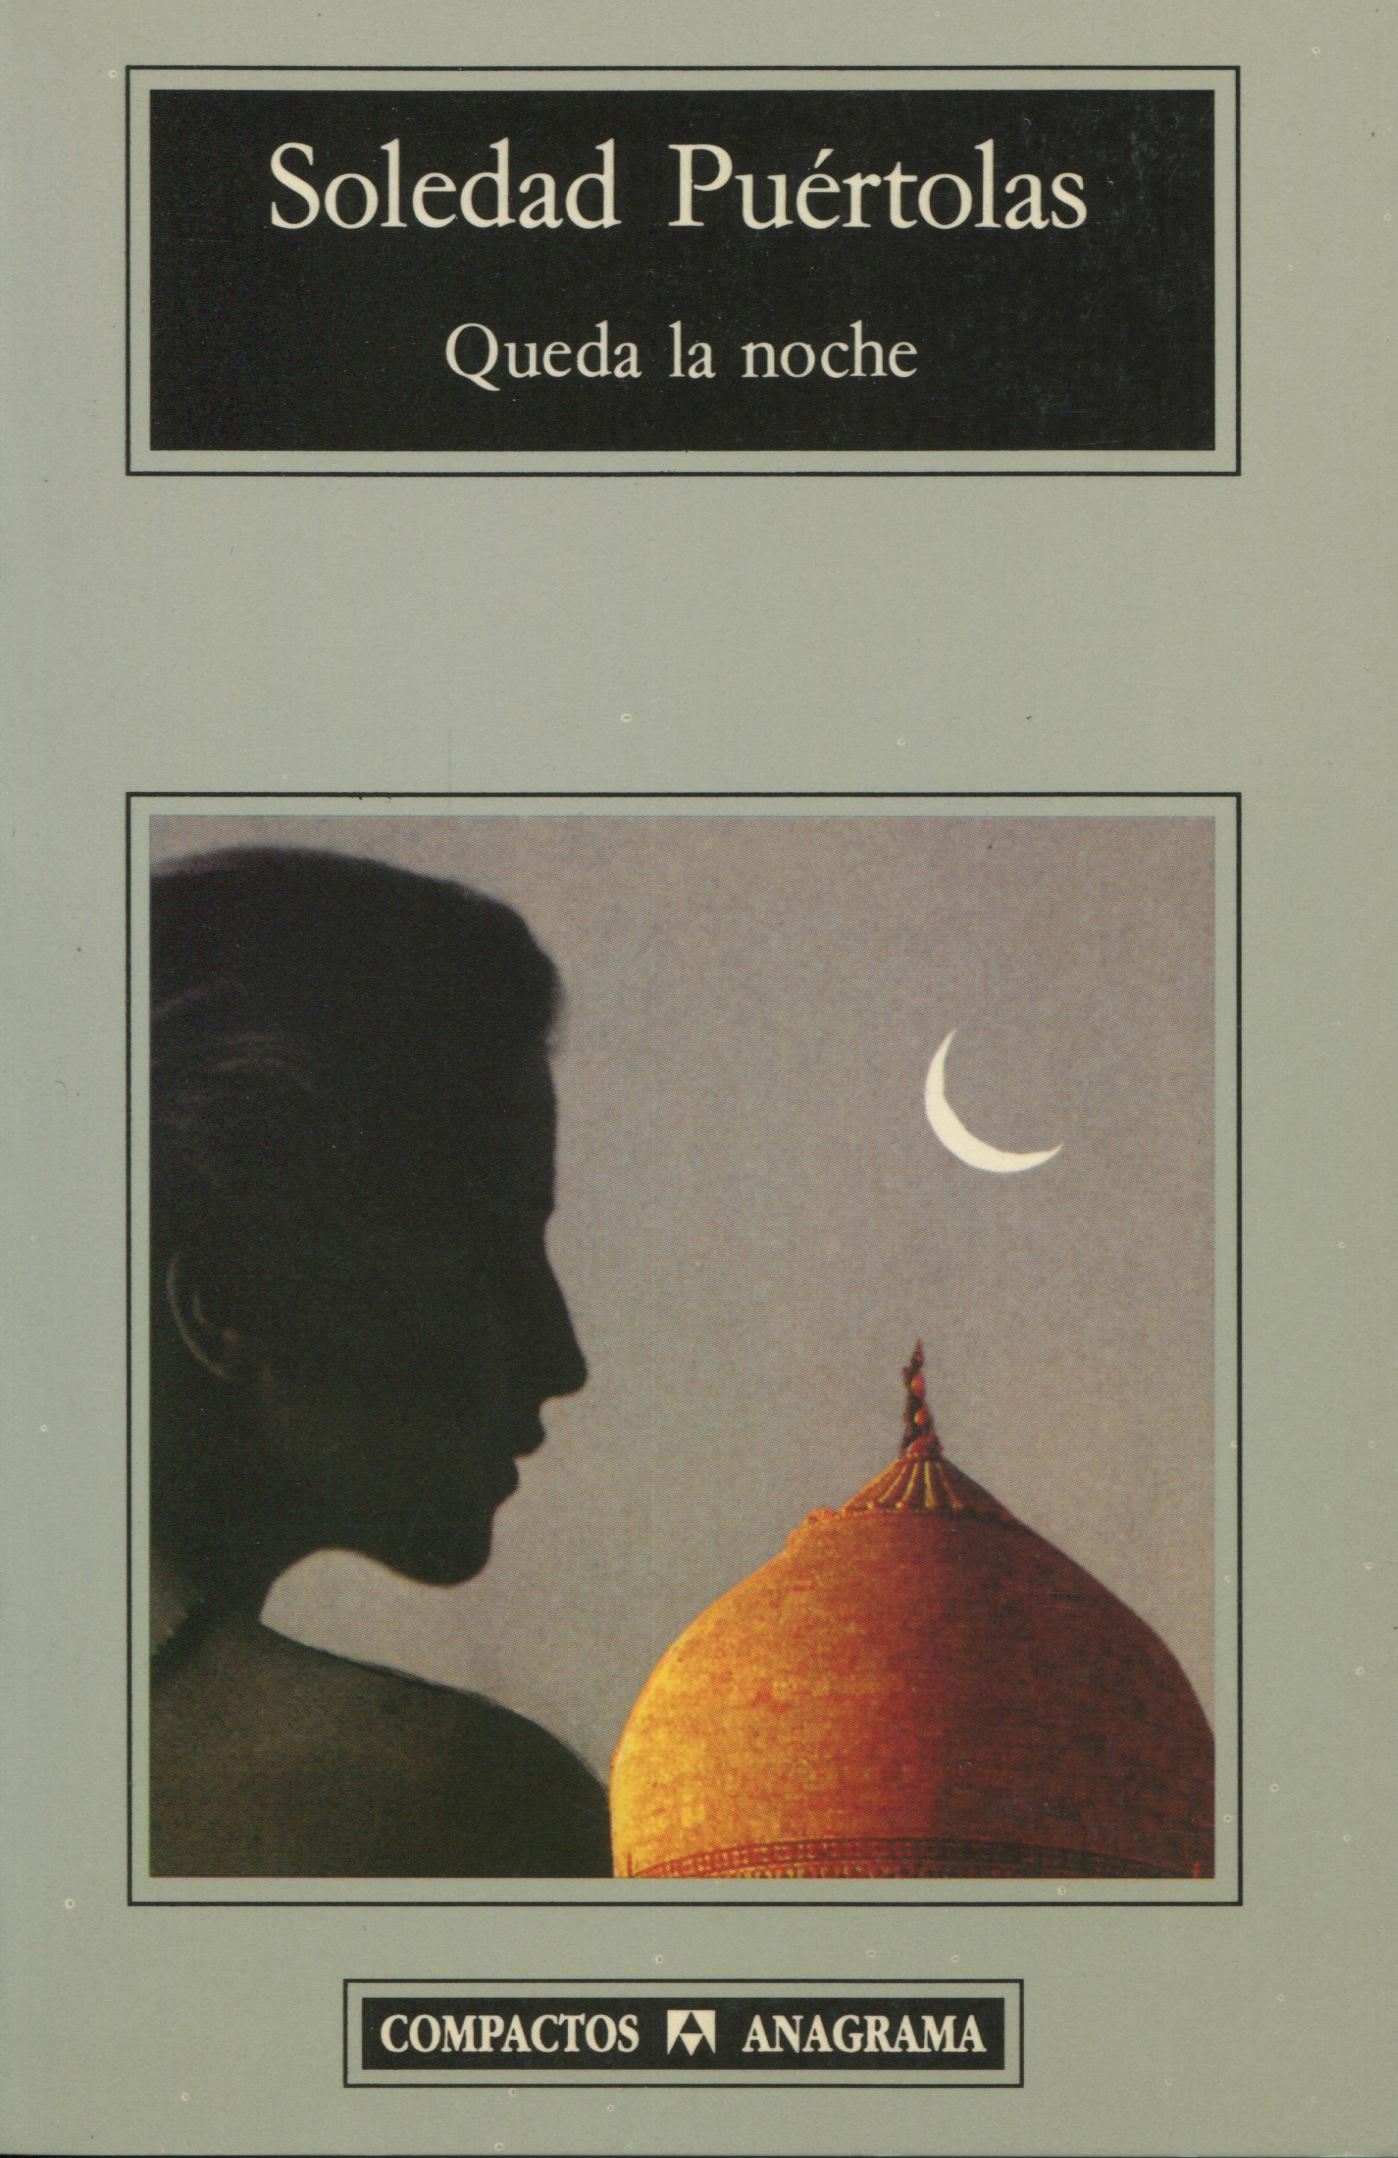 Queda la noche - Puértolas, Soledad - 978-84-339-6608-7 - Editorial Anagrama